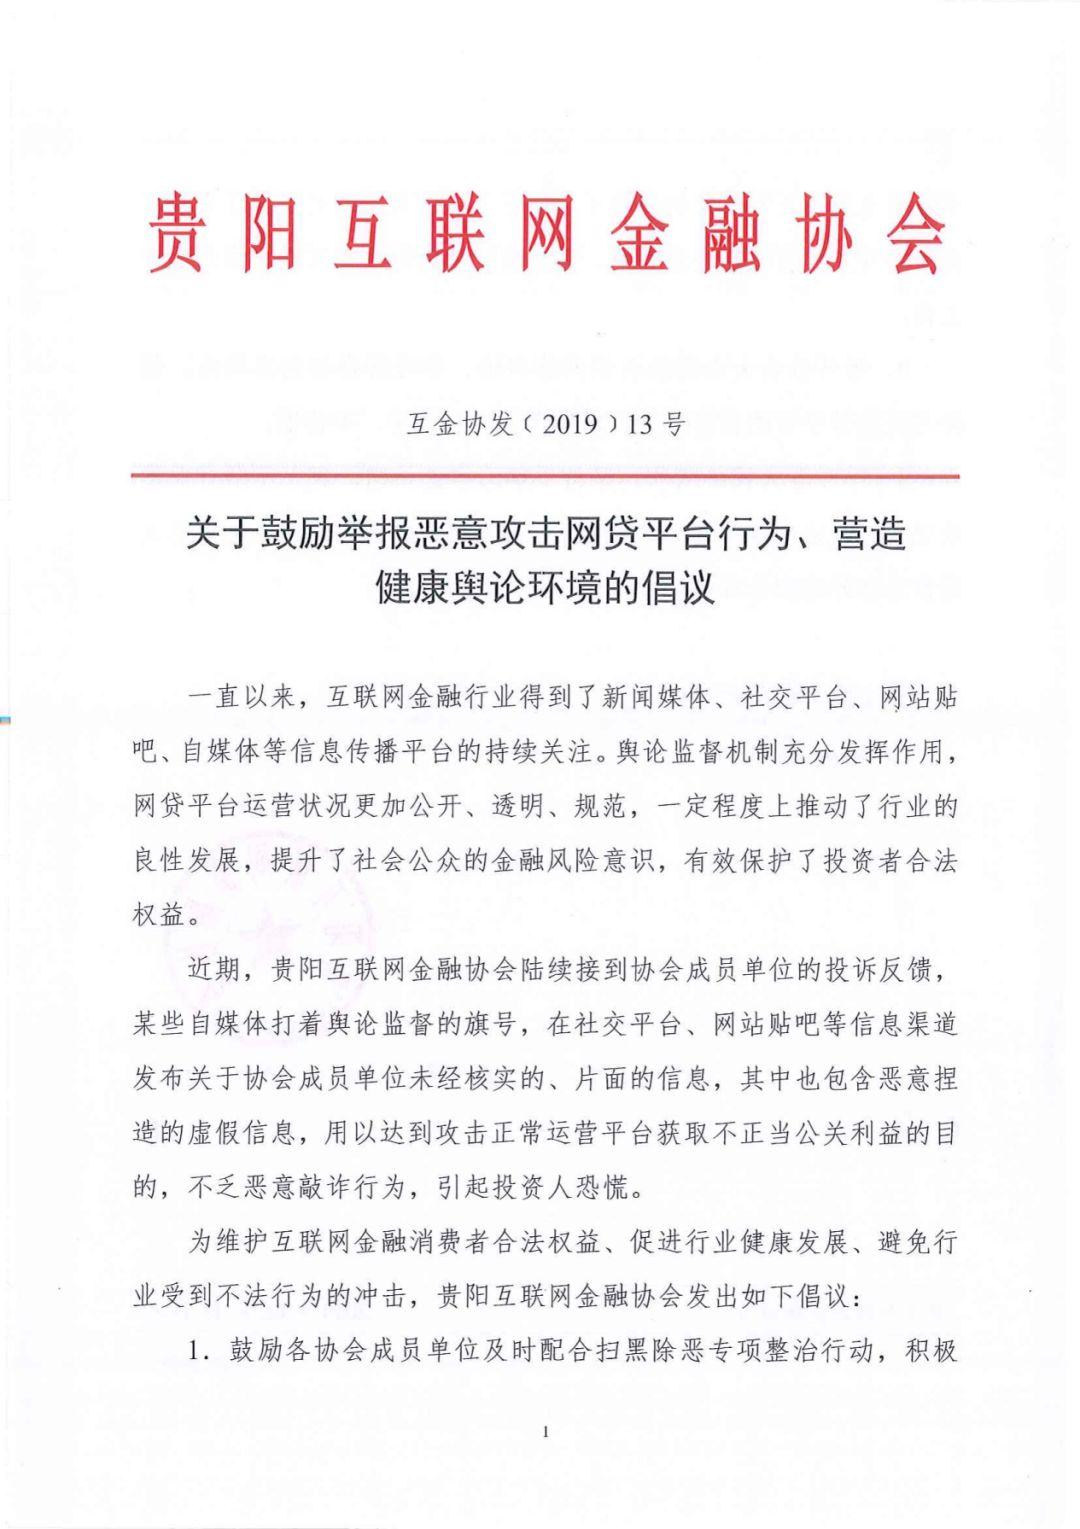 贵阳互联网金融协会提出鼓励举报恶意攻击网贷平台行为倡议